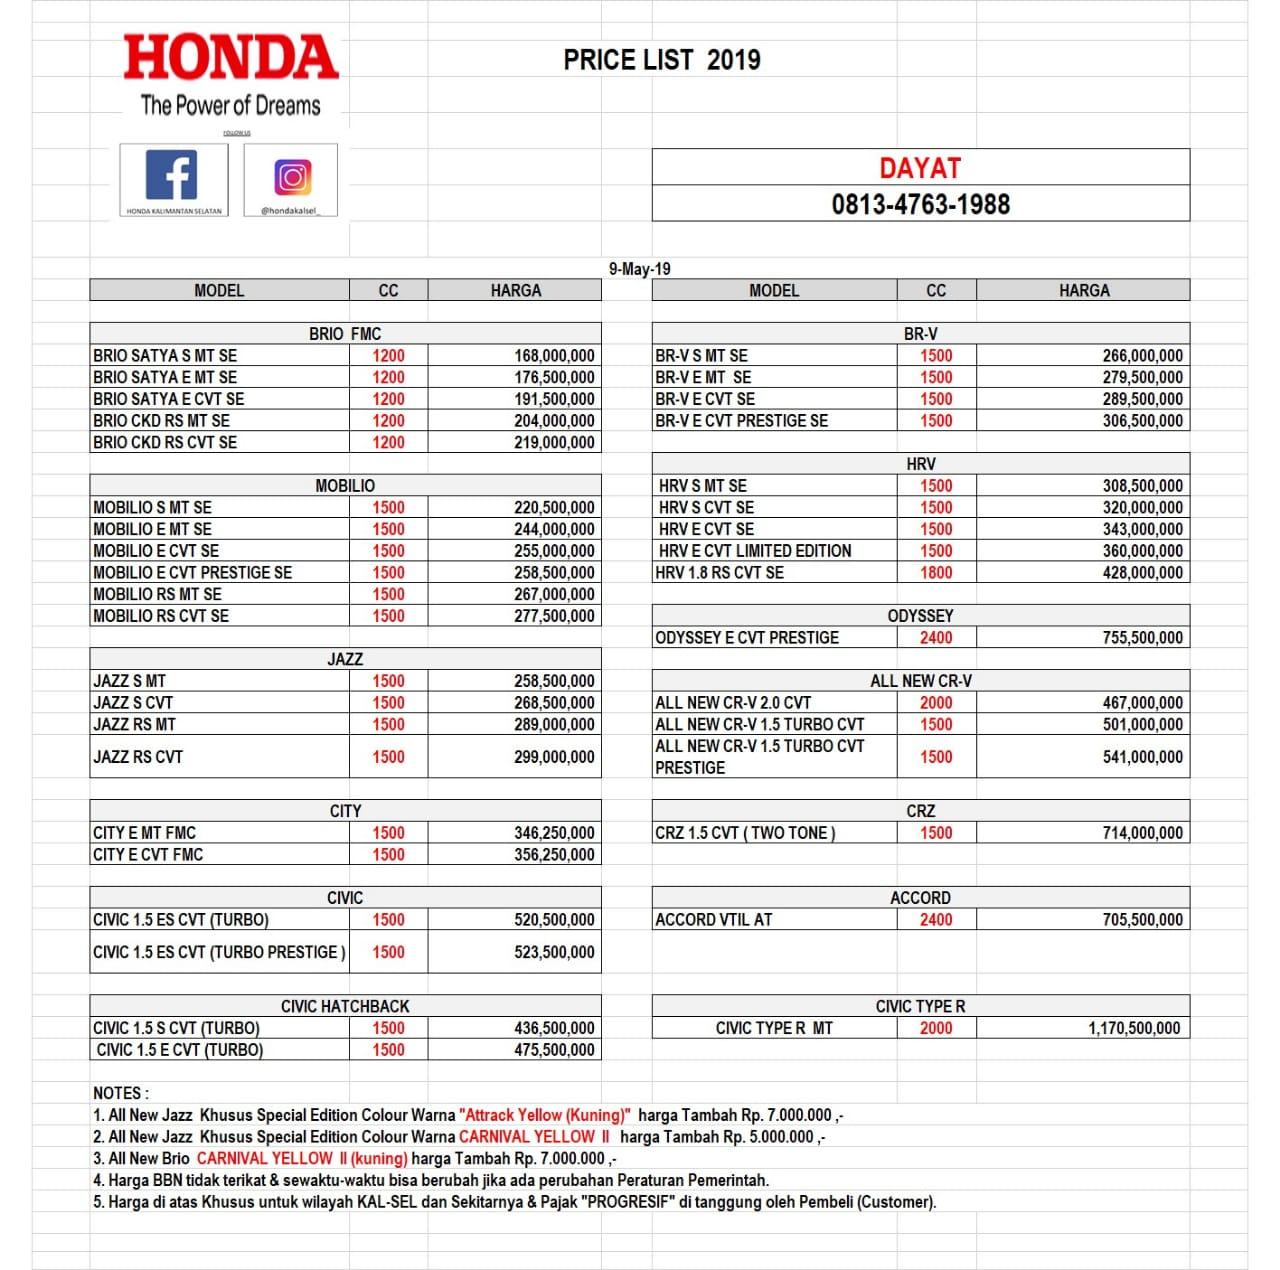 Harga Honda Brio Banjarmasin 2019